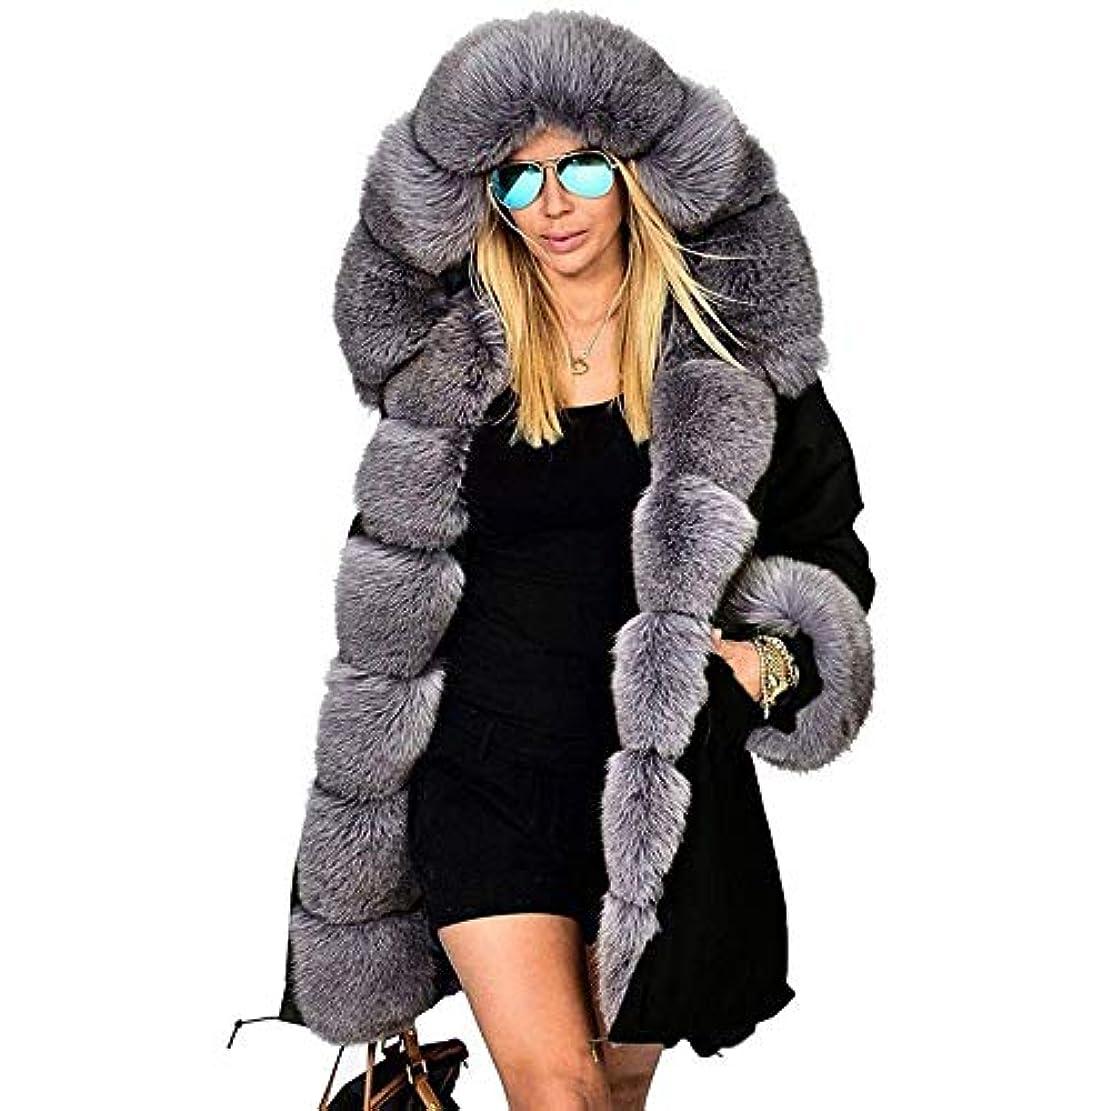 スムーズにスナック内向きファッションウィメンズジャケット女性ウォームコートフェイクファーコットンオーバーコート女性ロングフードコートパーカー,XXL